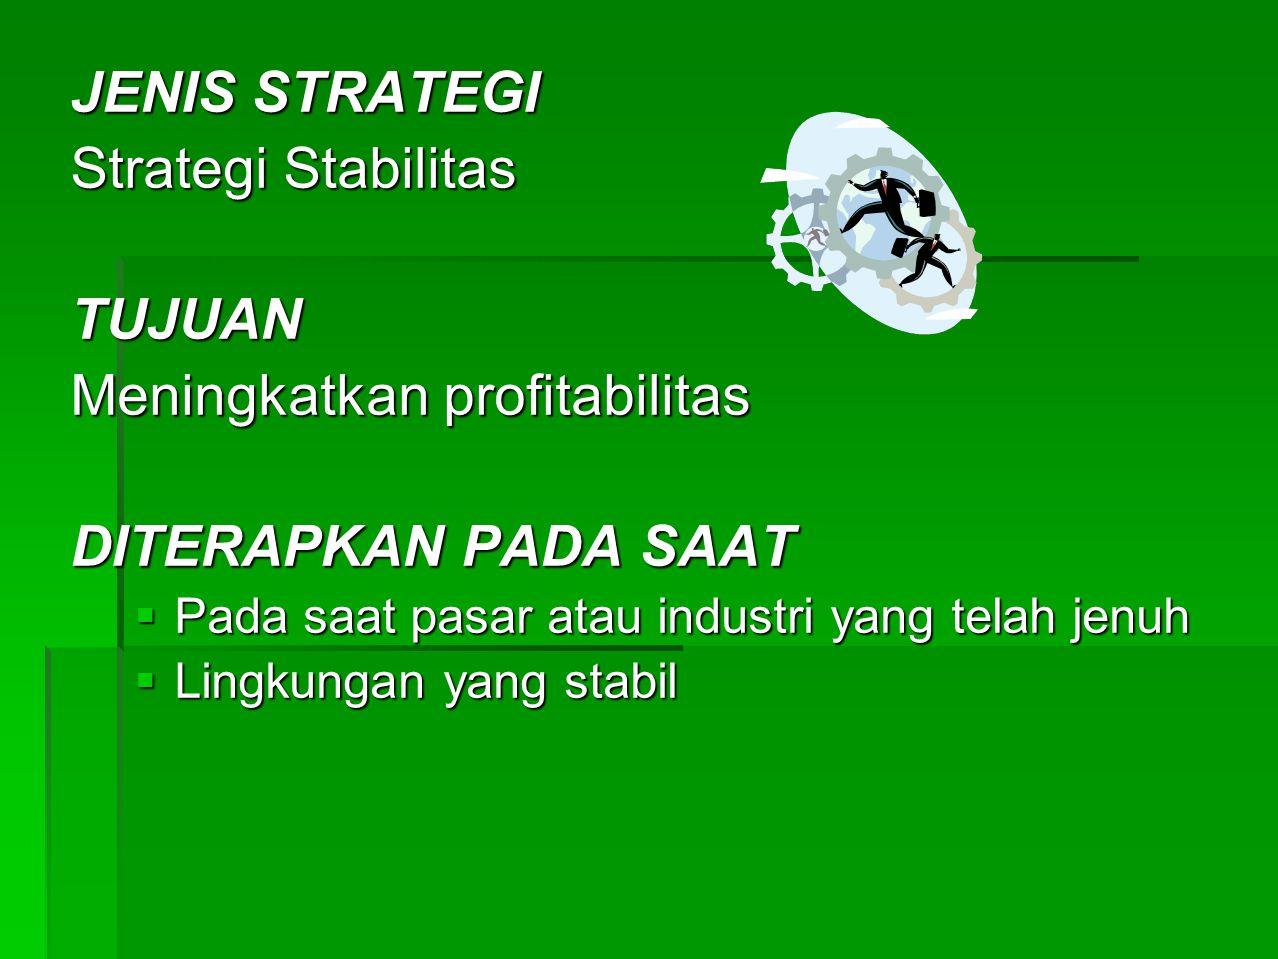 JENIS STRATEGI Strategi penciutan/penyehatan TUJUAN  Mengeleminasi kerugian  Memotong biaya  Survival DITERAPKAN PADA SAAT  Pada saat ekonomi krisis  Lingkungan eksternal berubah drastis